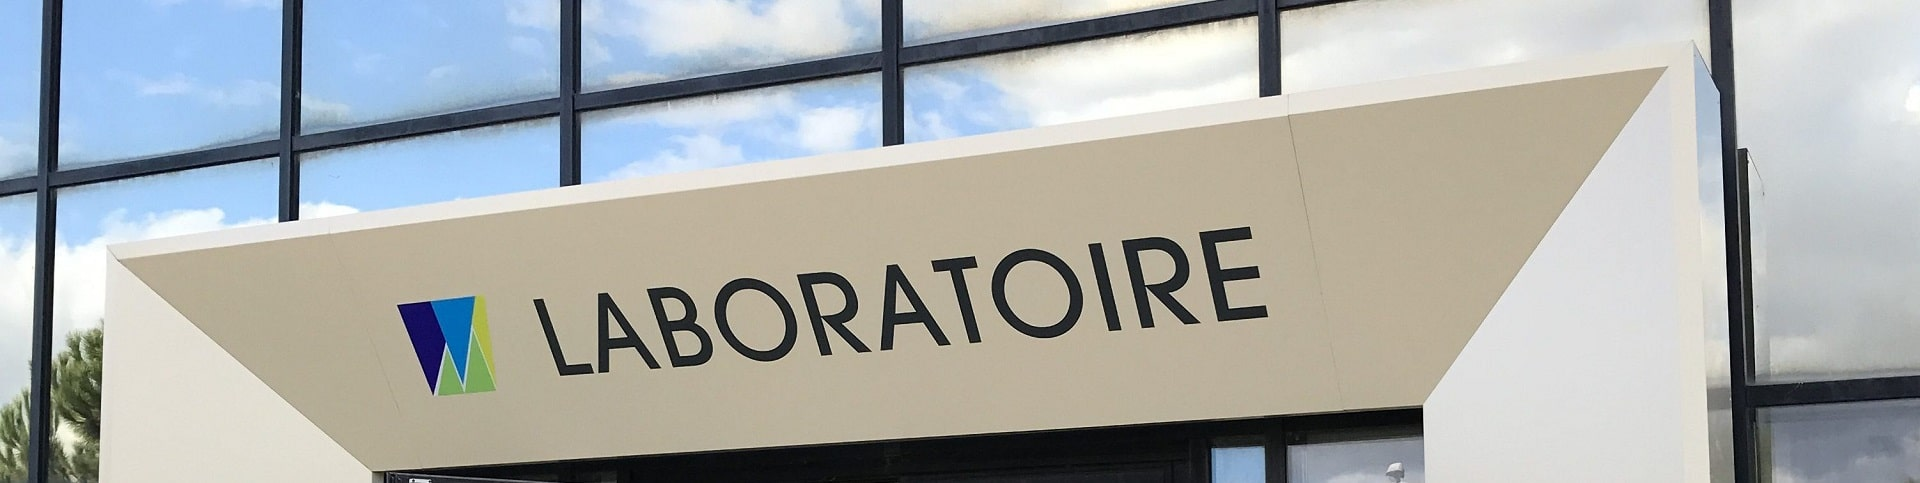 Analyse d'urine dans notre laboratoire d'analyses médicales à Narbonne